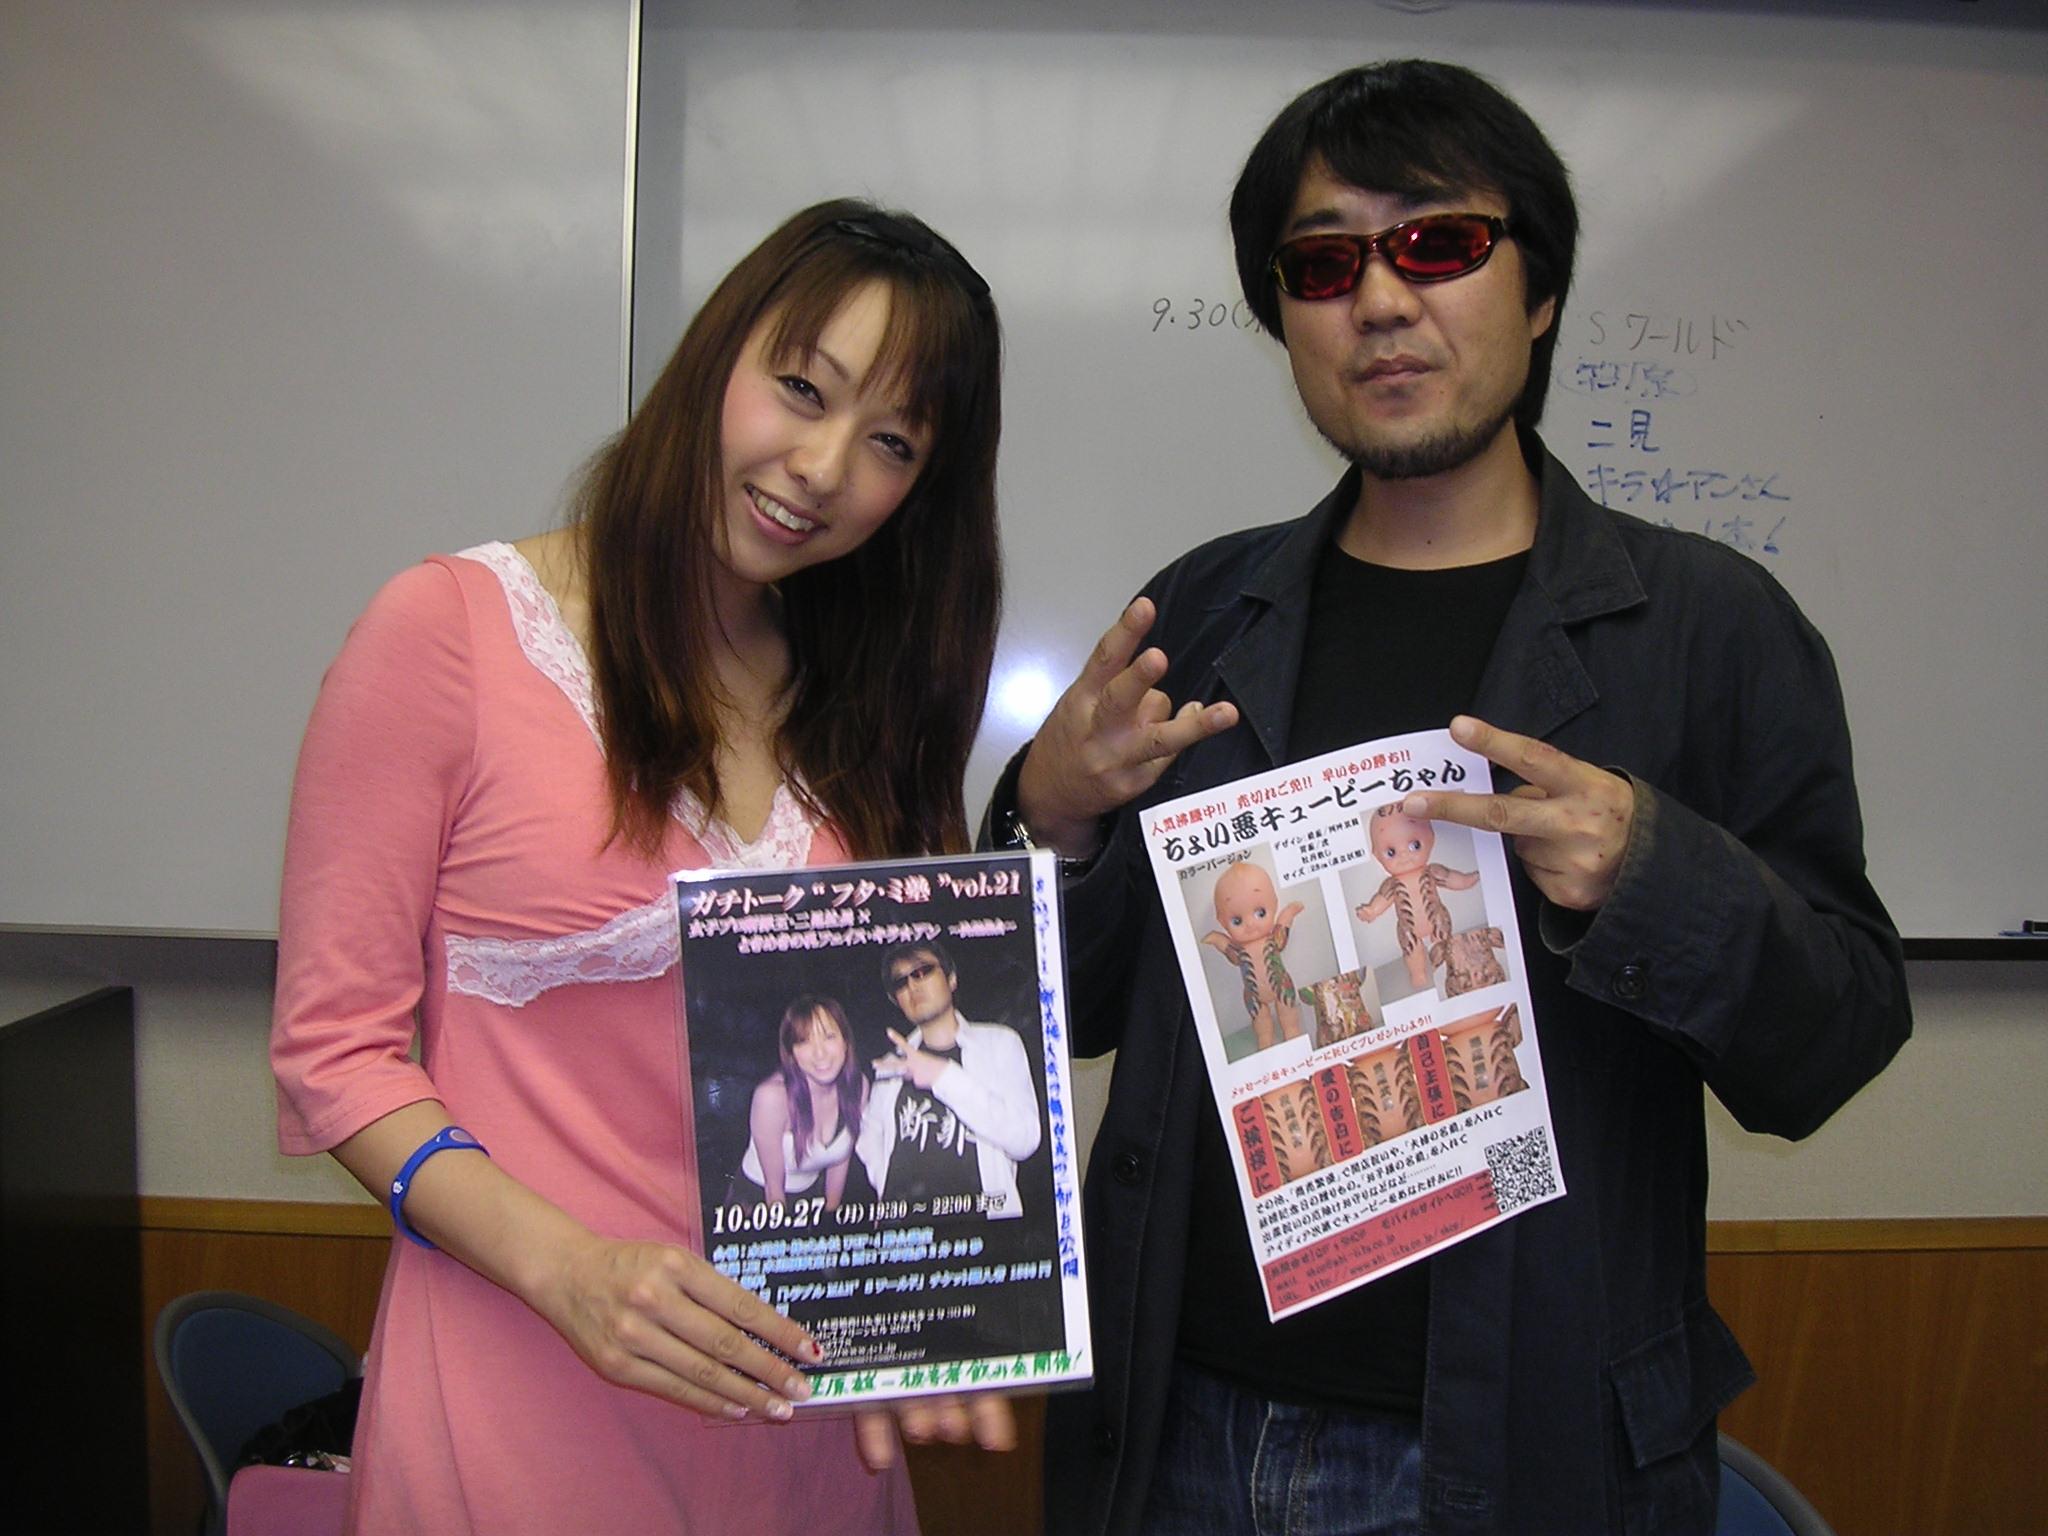 9/27二見&キラ☆アン